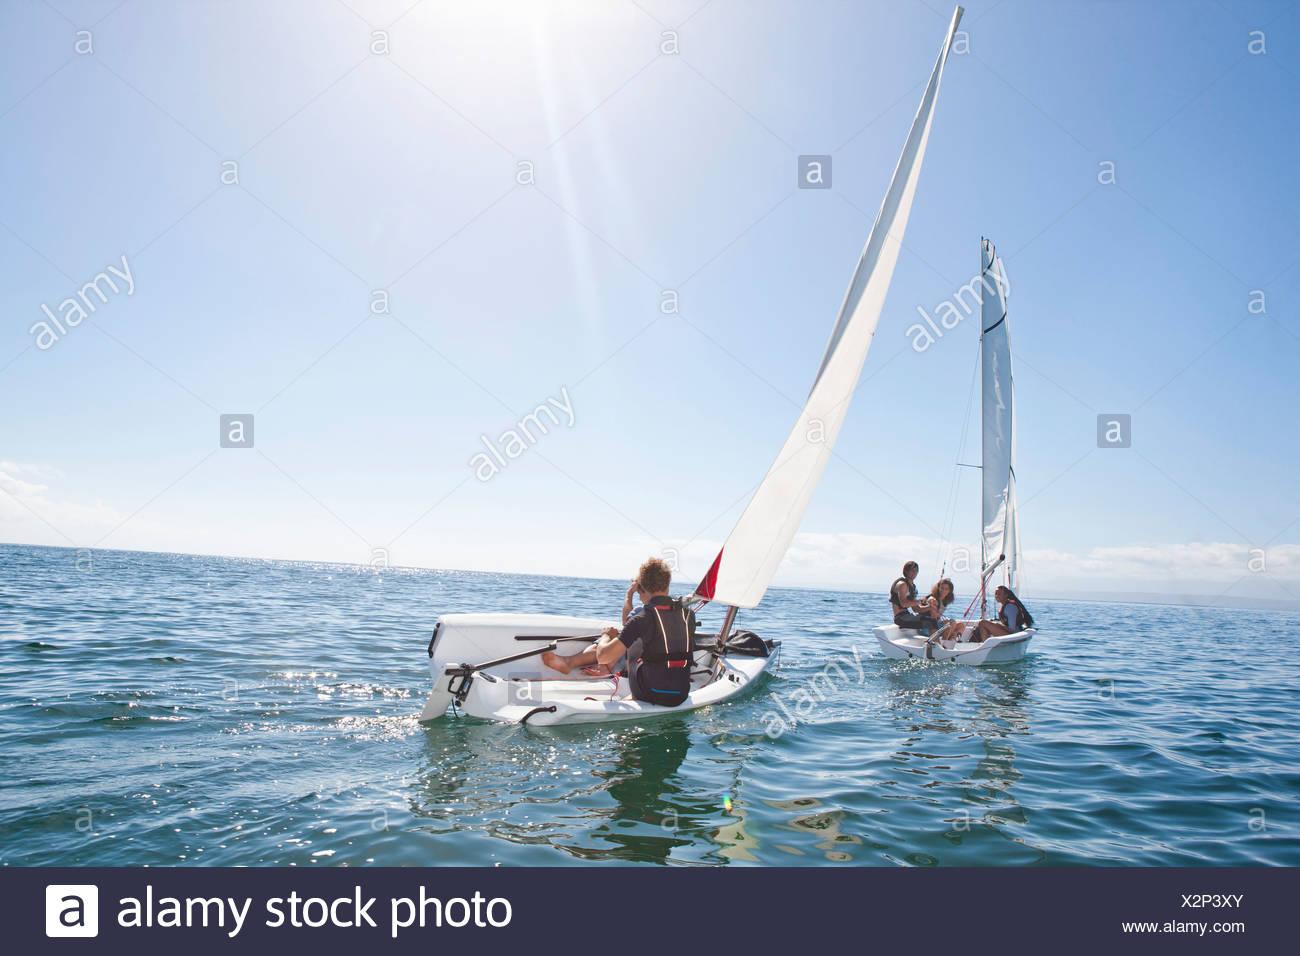 Adultos jóvenes amigos racing mutuamente en veleros Imagen De Stock